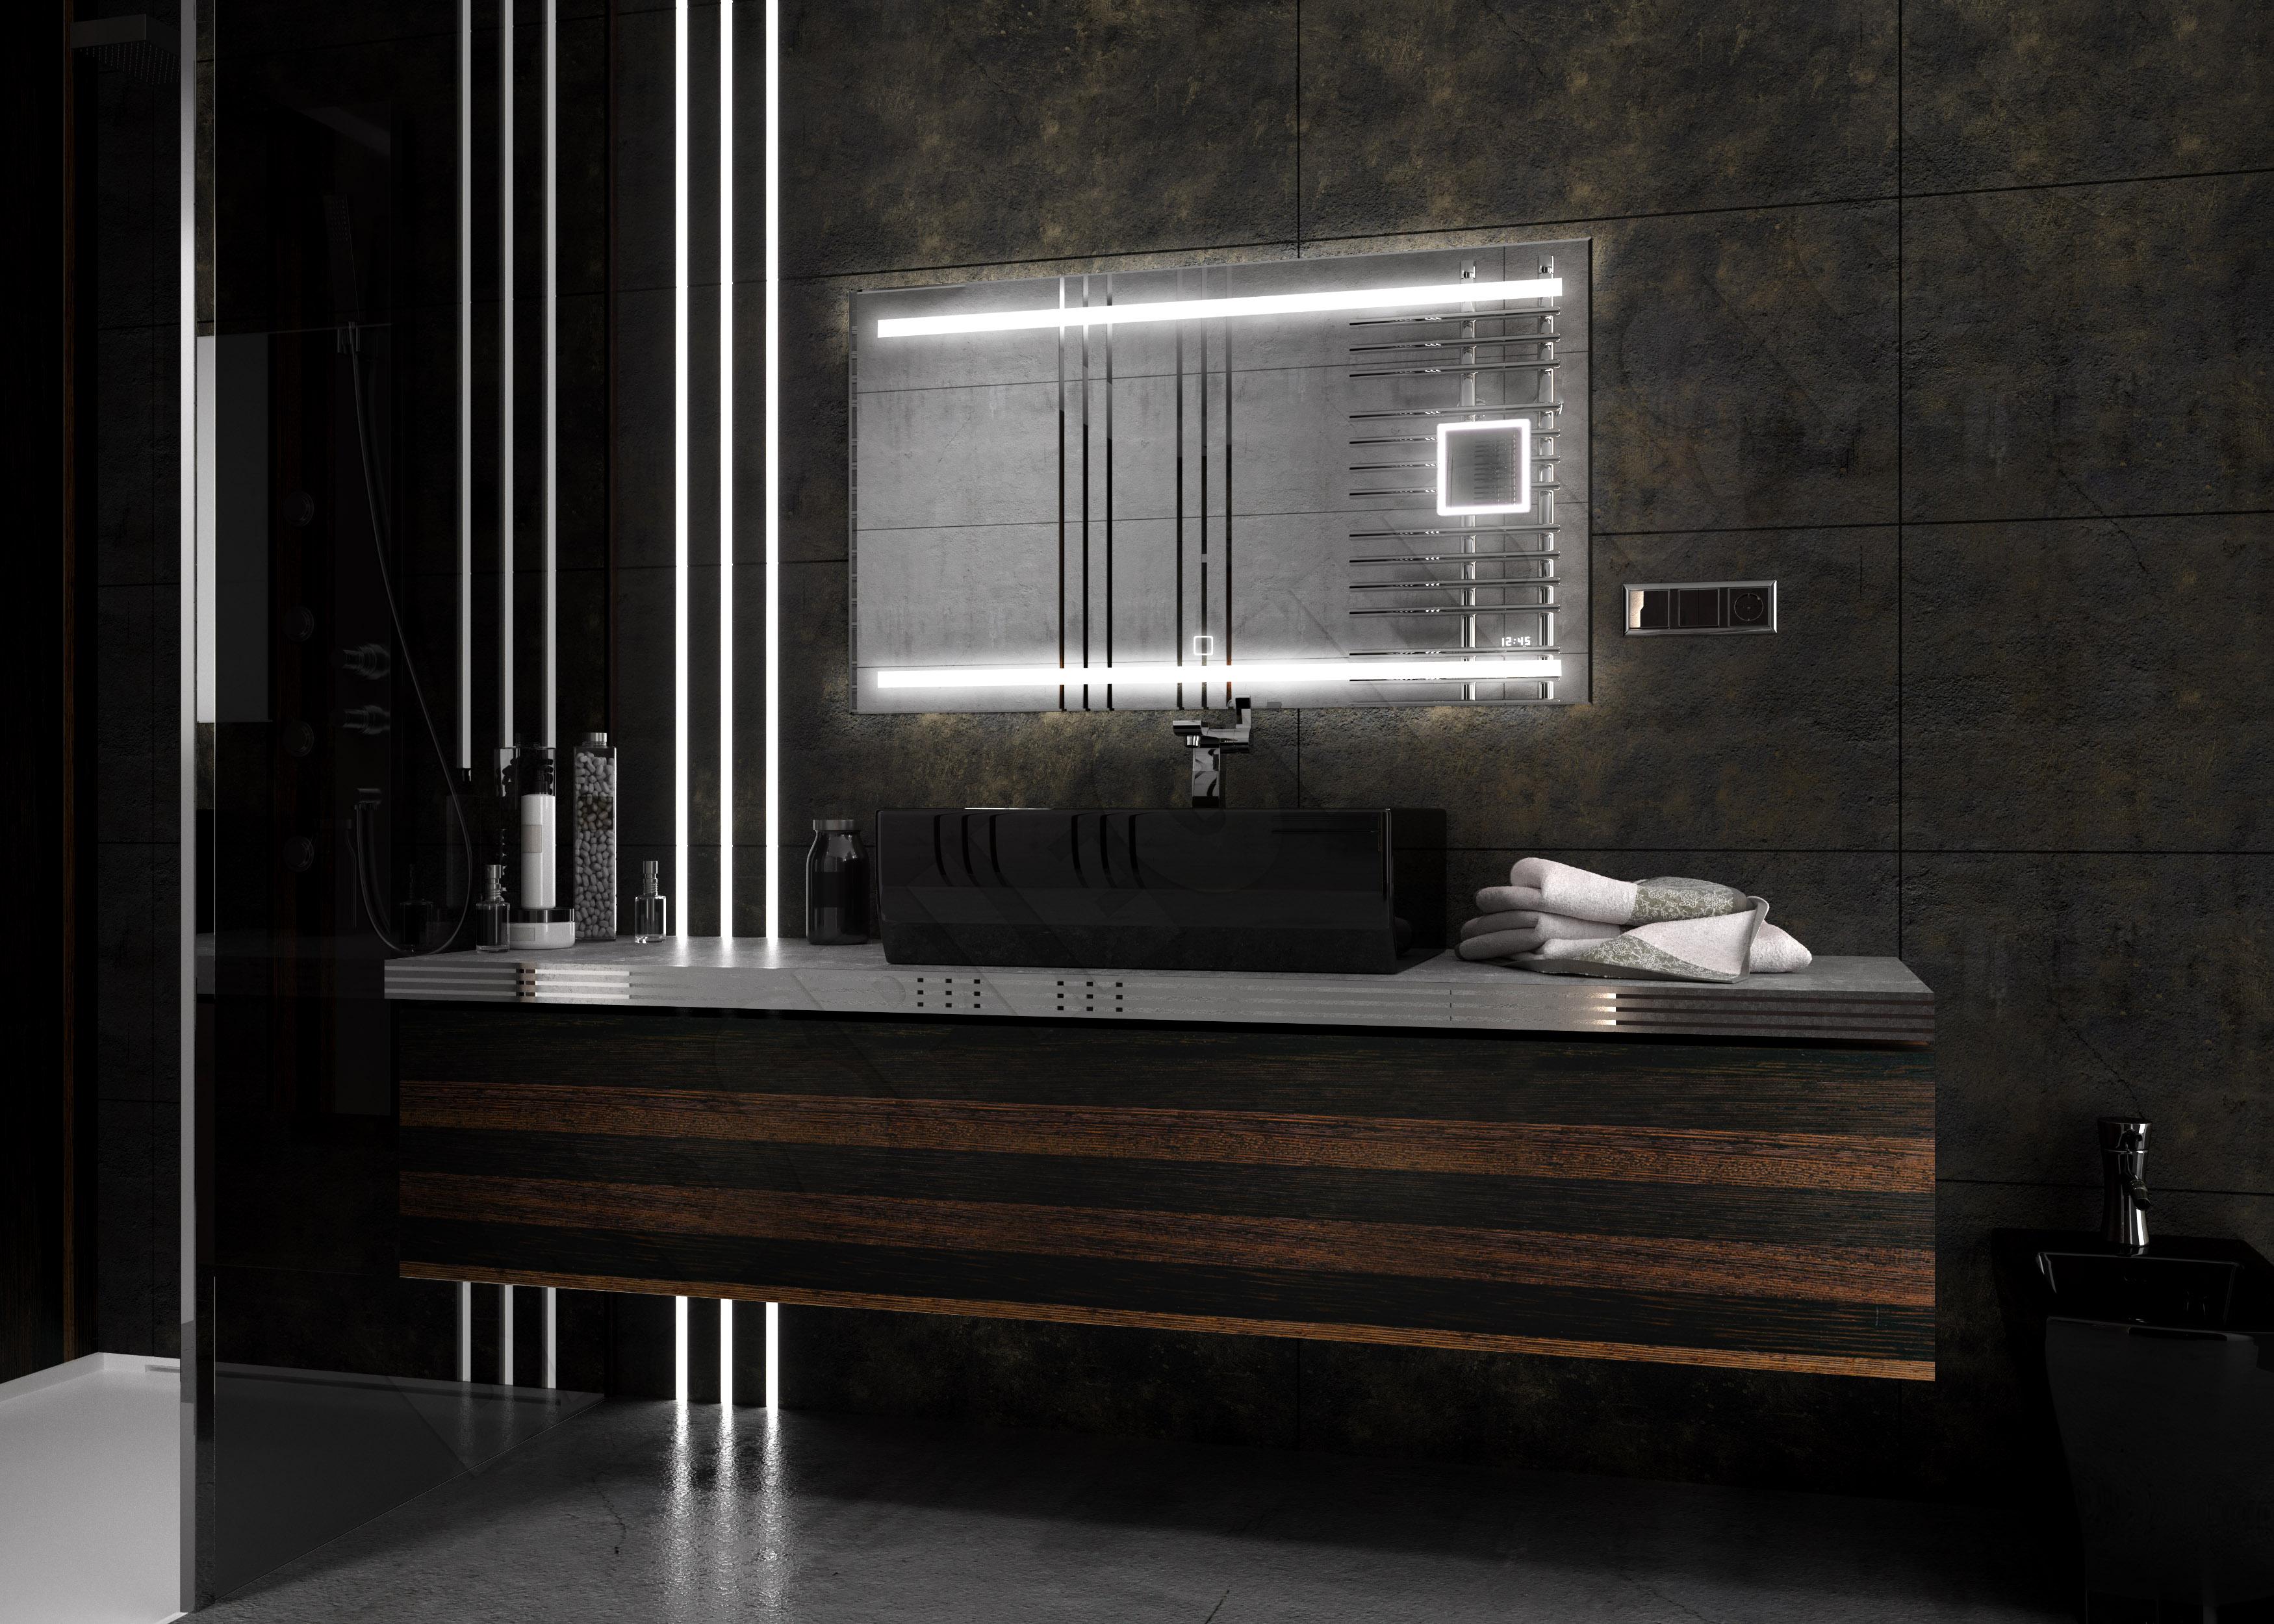 Neu design empower 120 70 ledspiegel badspiegel for Design spiegel bad